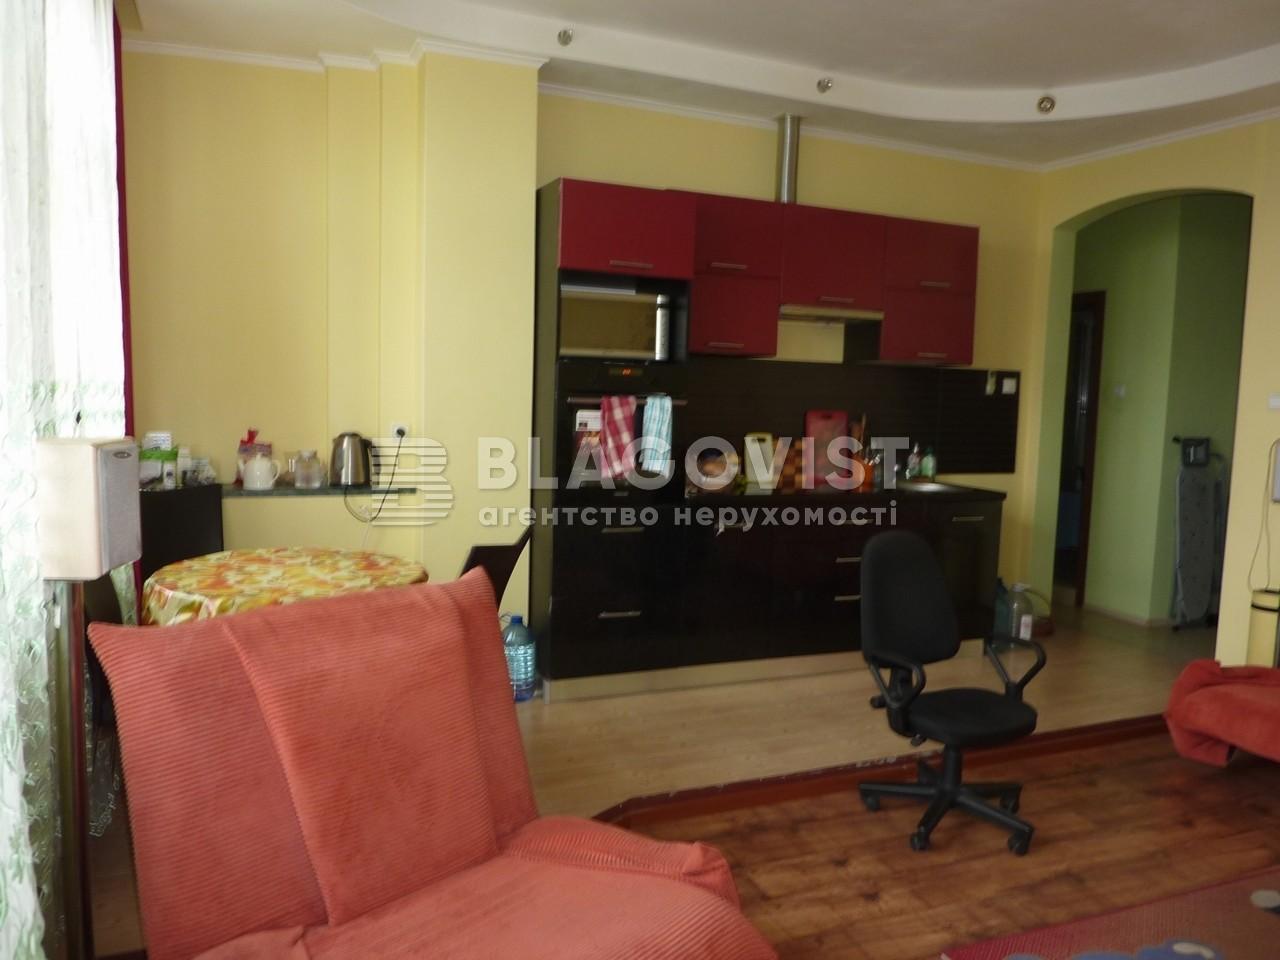 Квартира R-14602, Народного Ополчения, 7, Киев - Фото 9